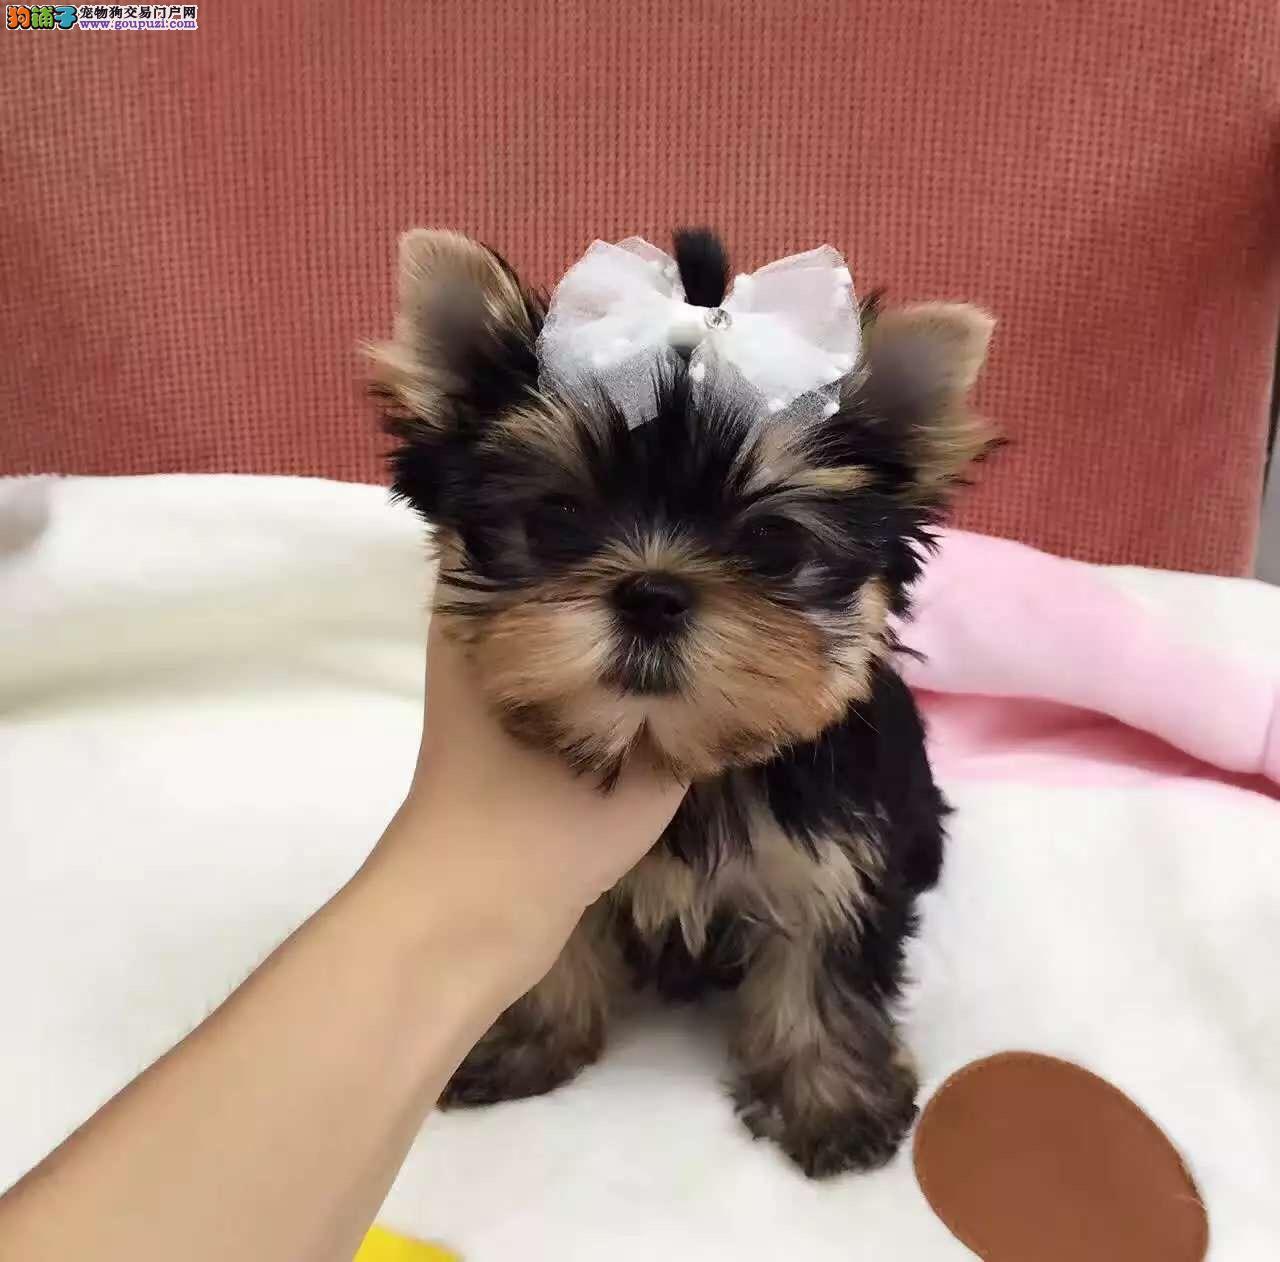 佛山精品约克夏犬幼犬健康出售可看父母长相好乖巧听话